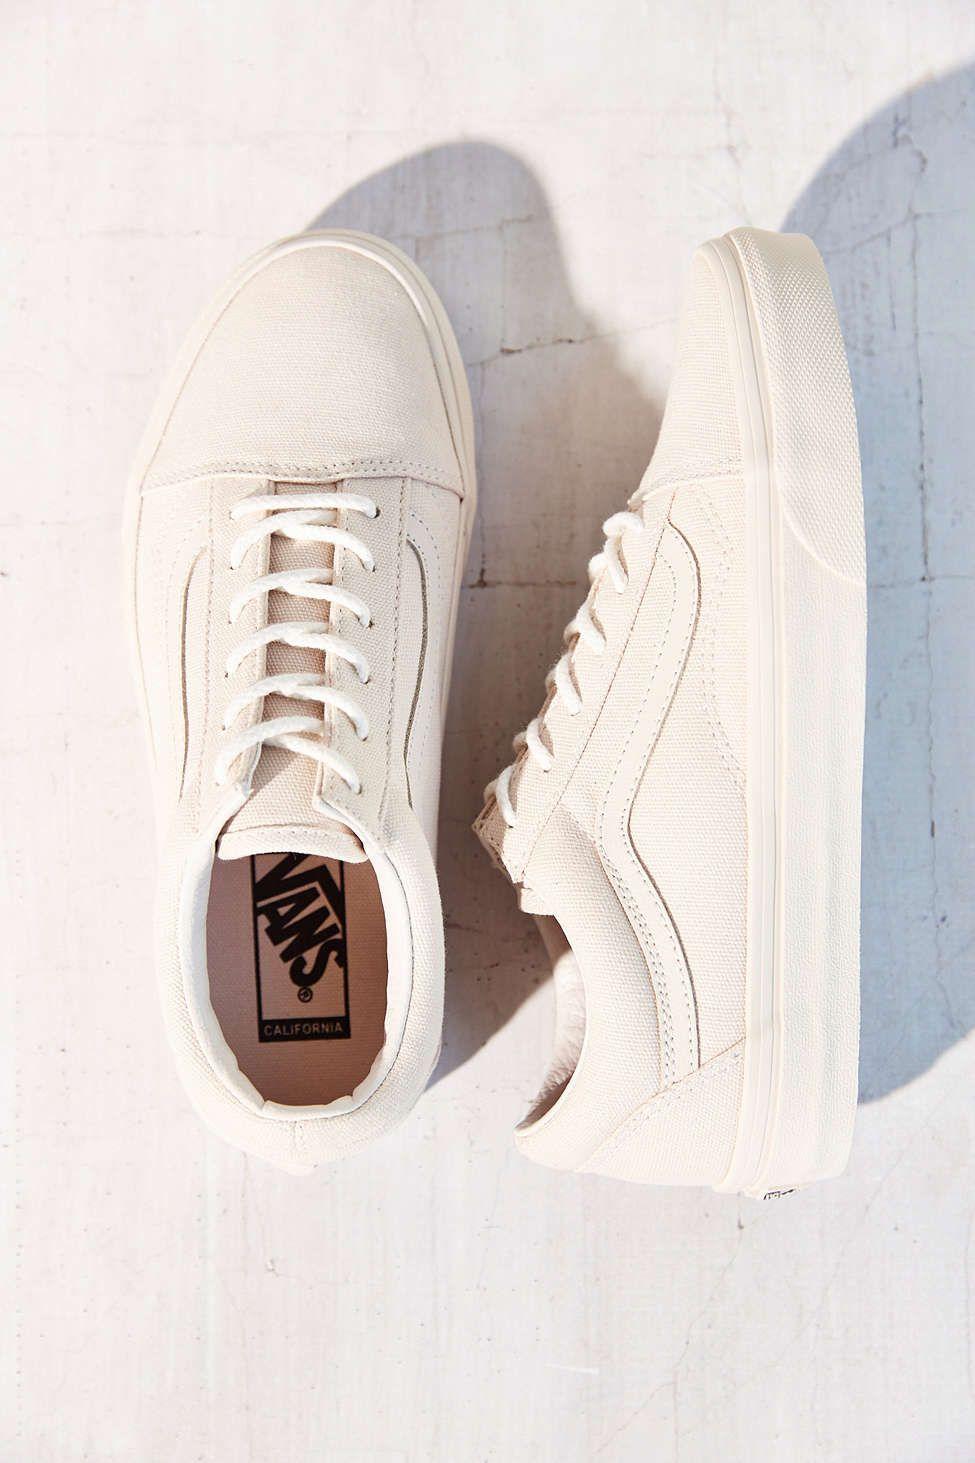 3e21f80508 Vans Vansguard Old Skool Reissue California - Tags  sneakers